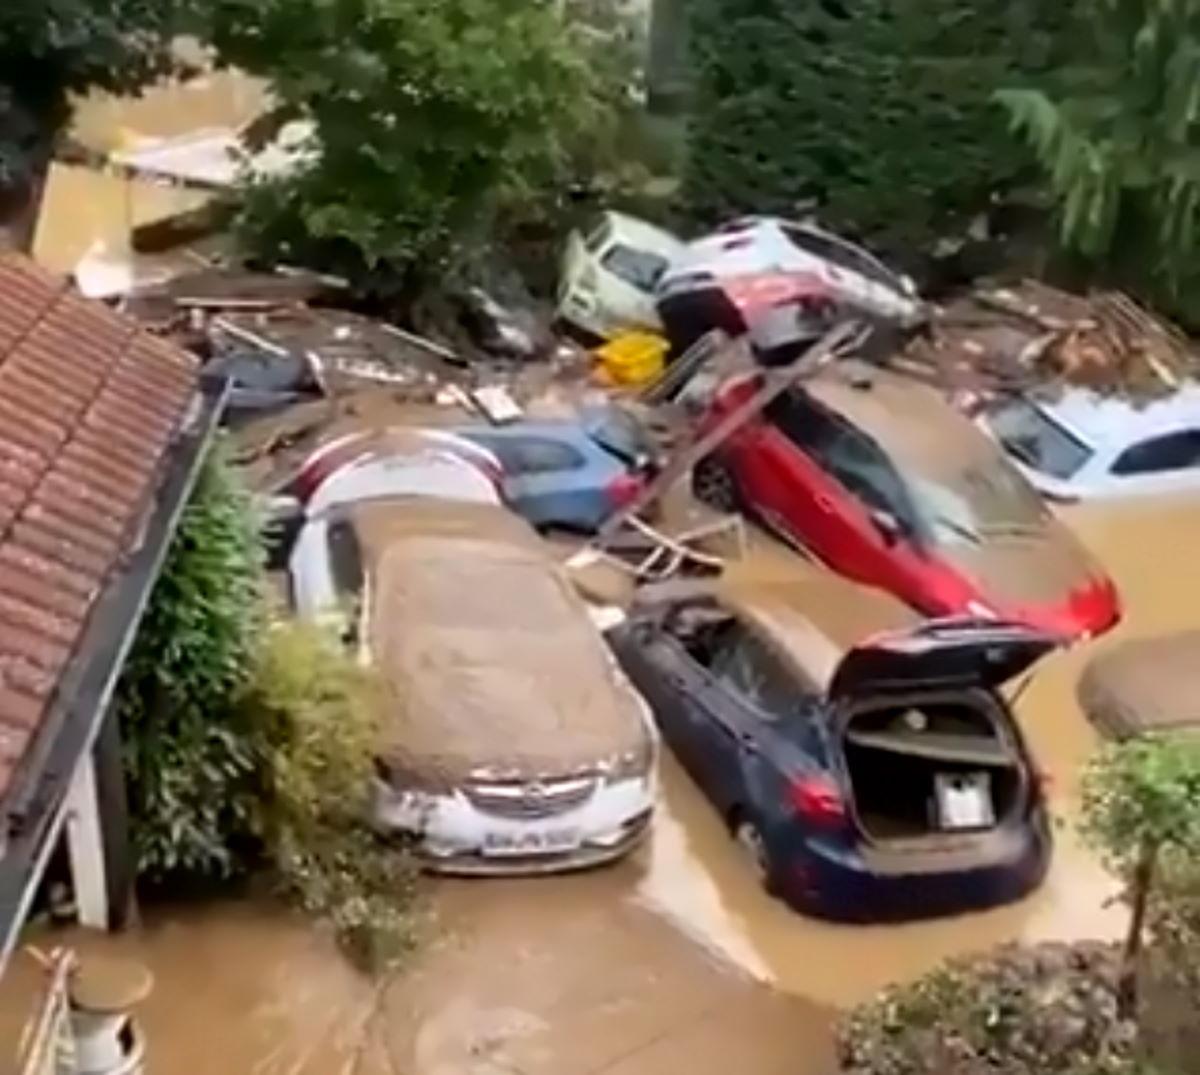 Aumentano i timori per l'alto numero di dispersi per le inondazioni in Germania, mentre con quelli del Belgio sono più di 150 i morti